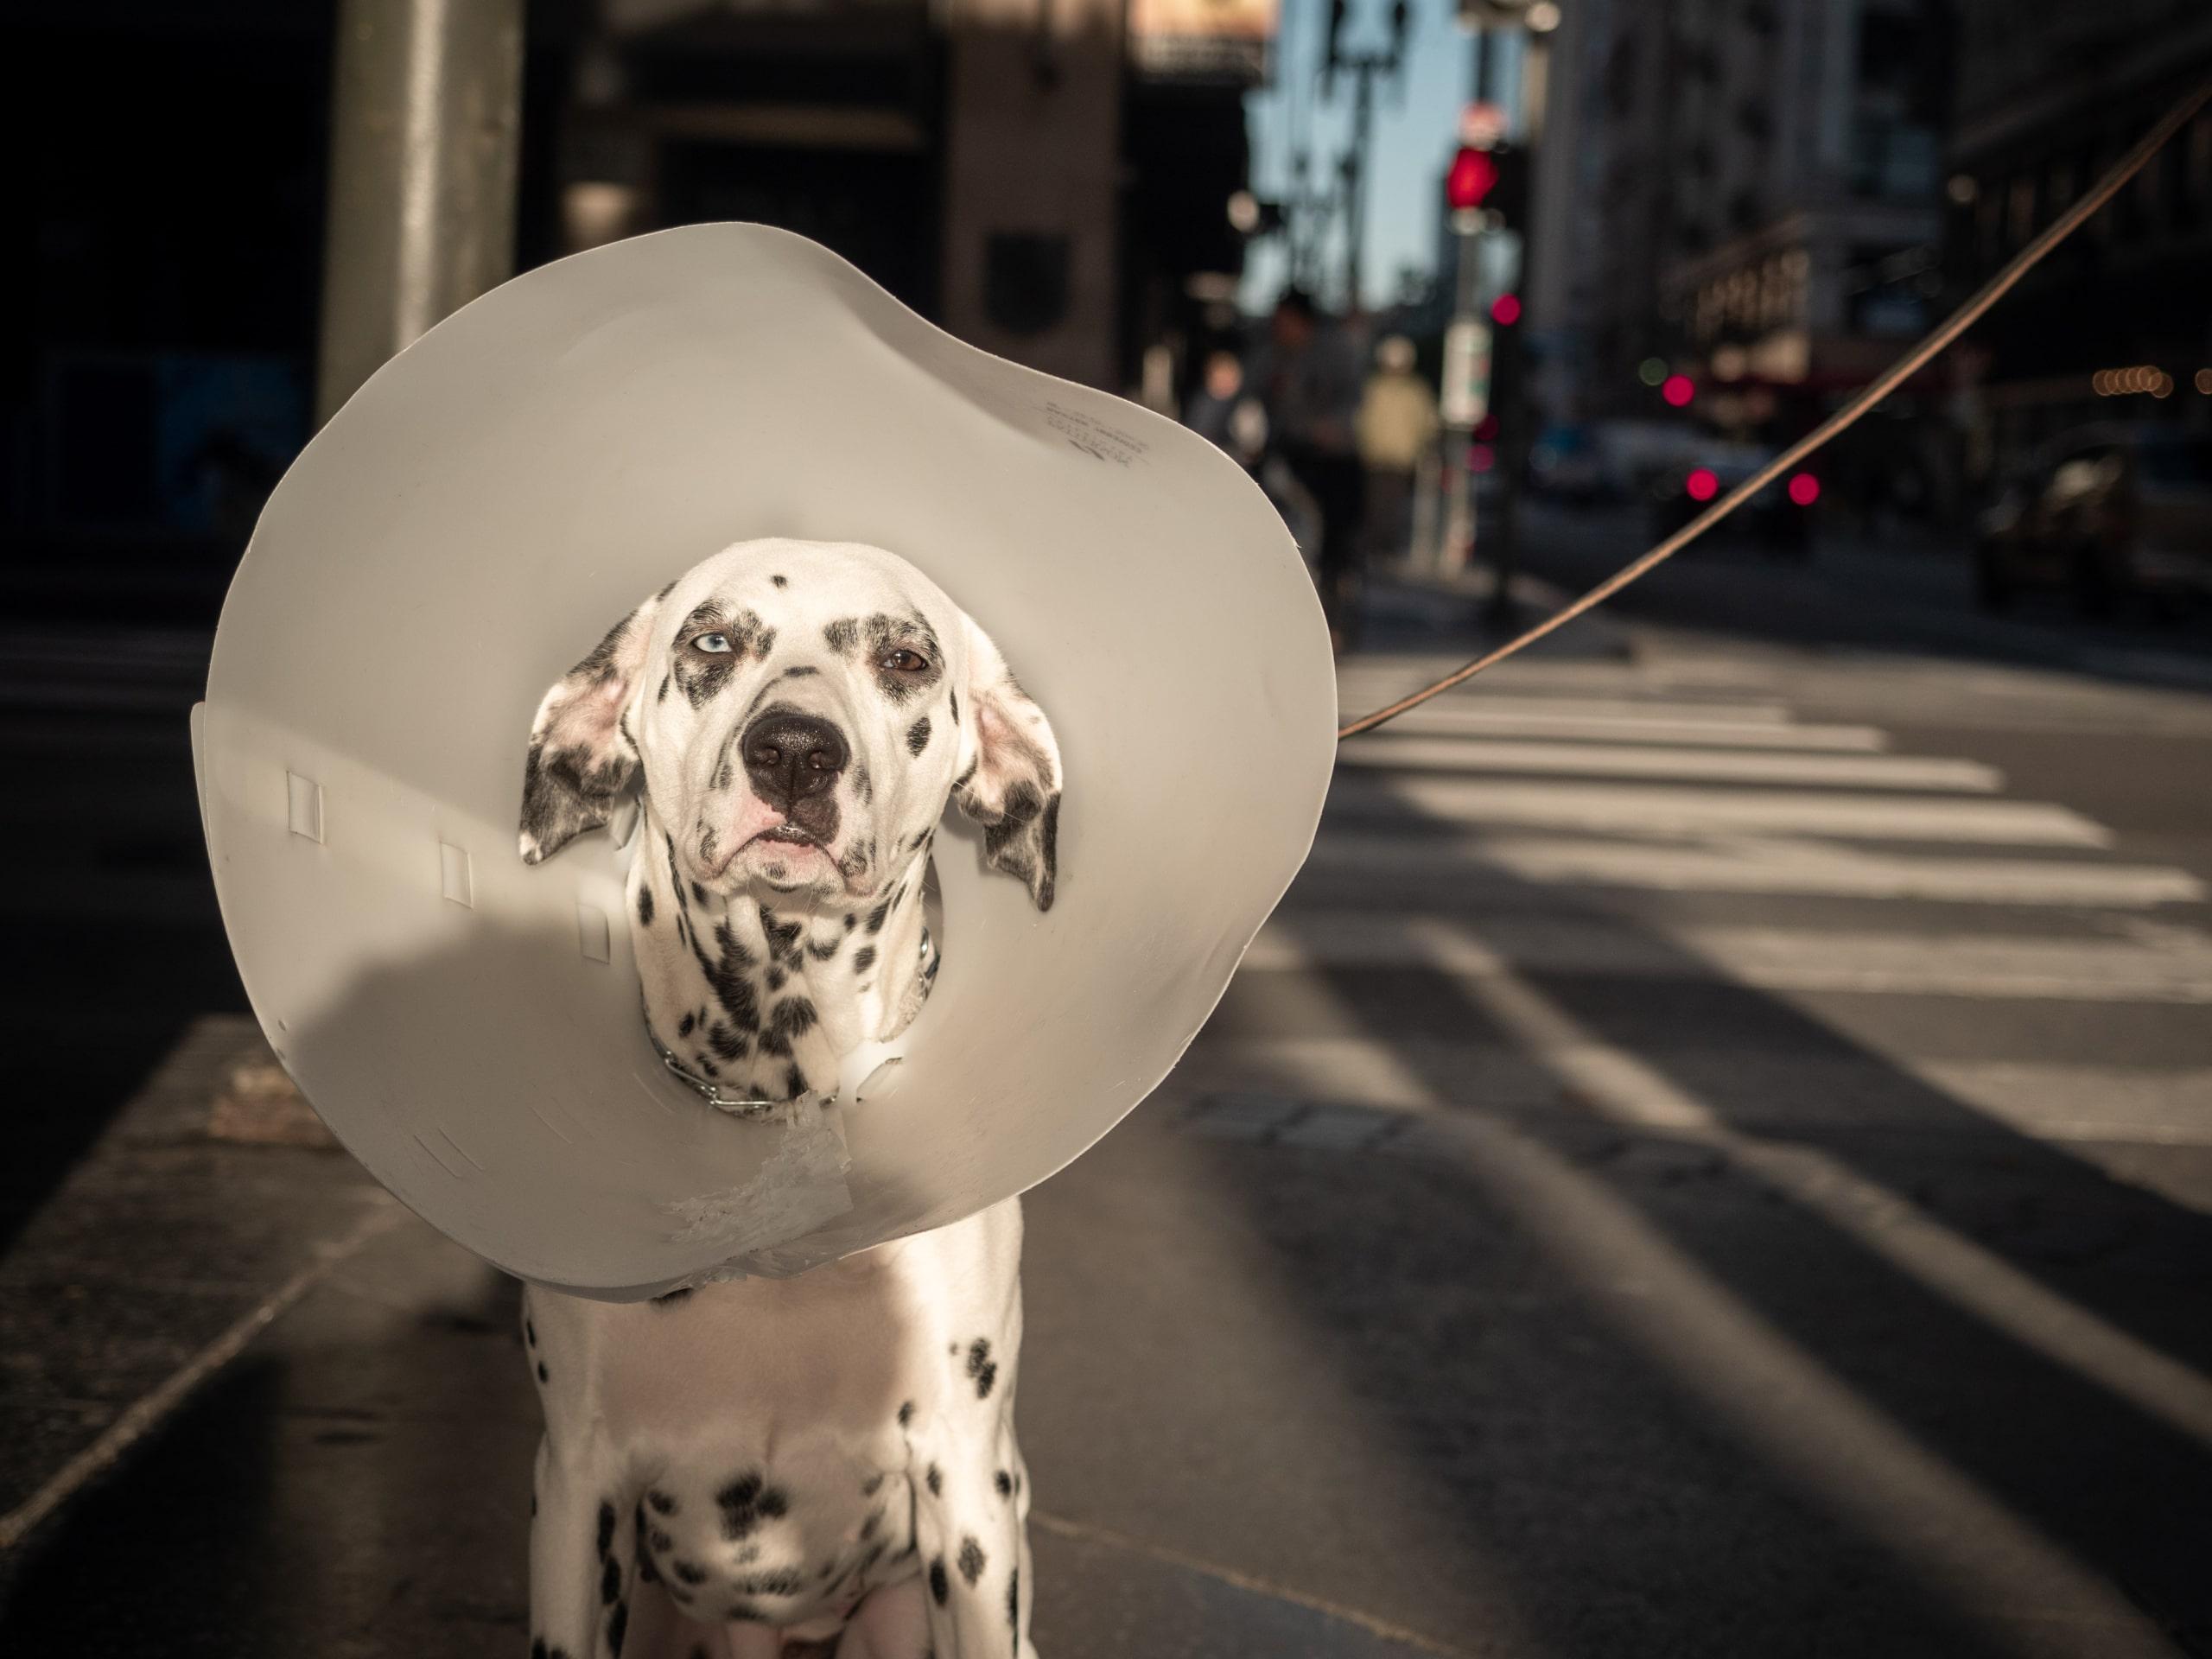 Dog in an Elizabethan collar